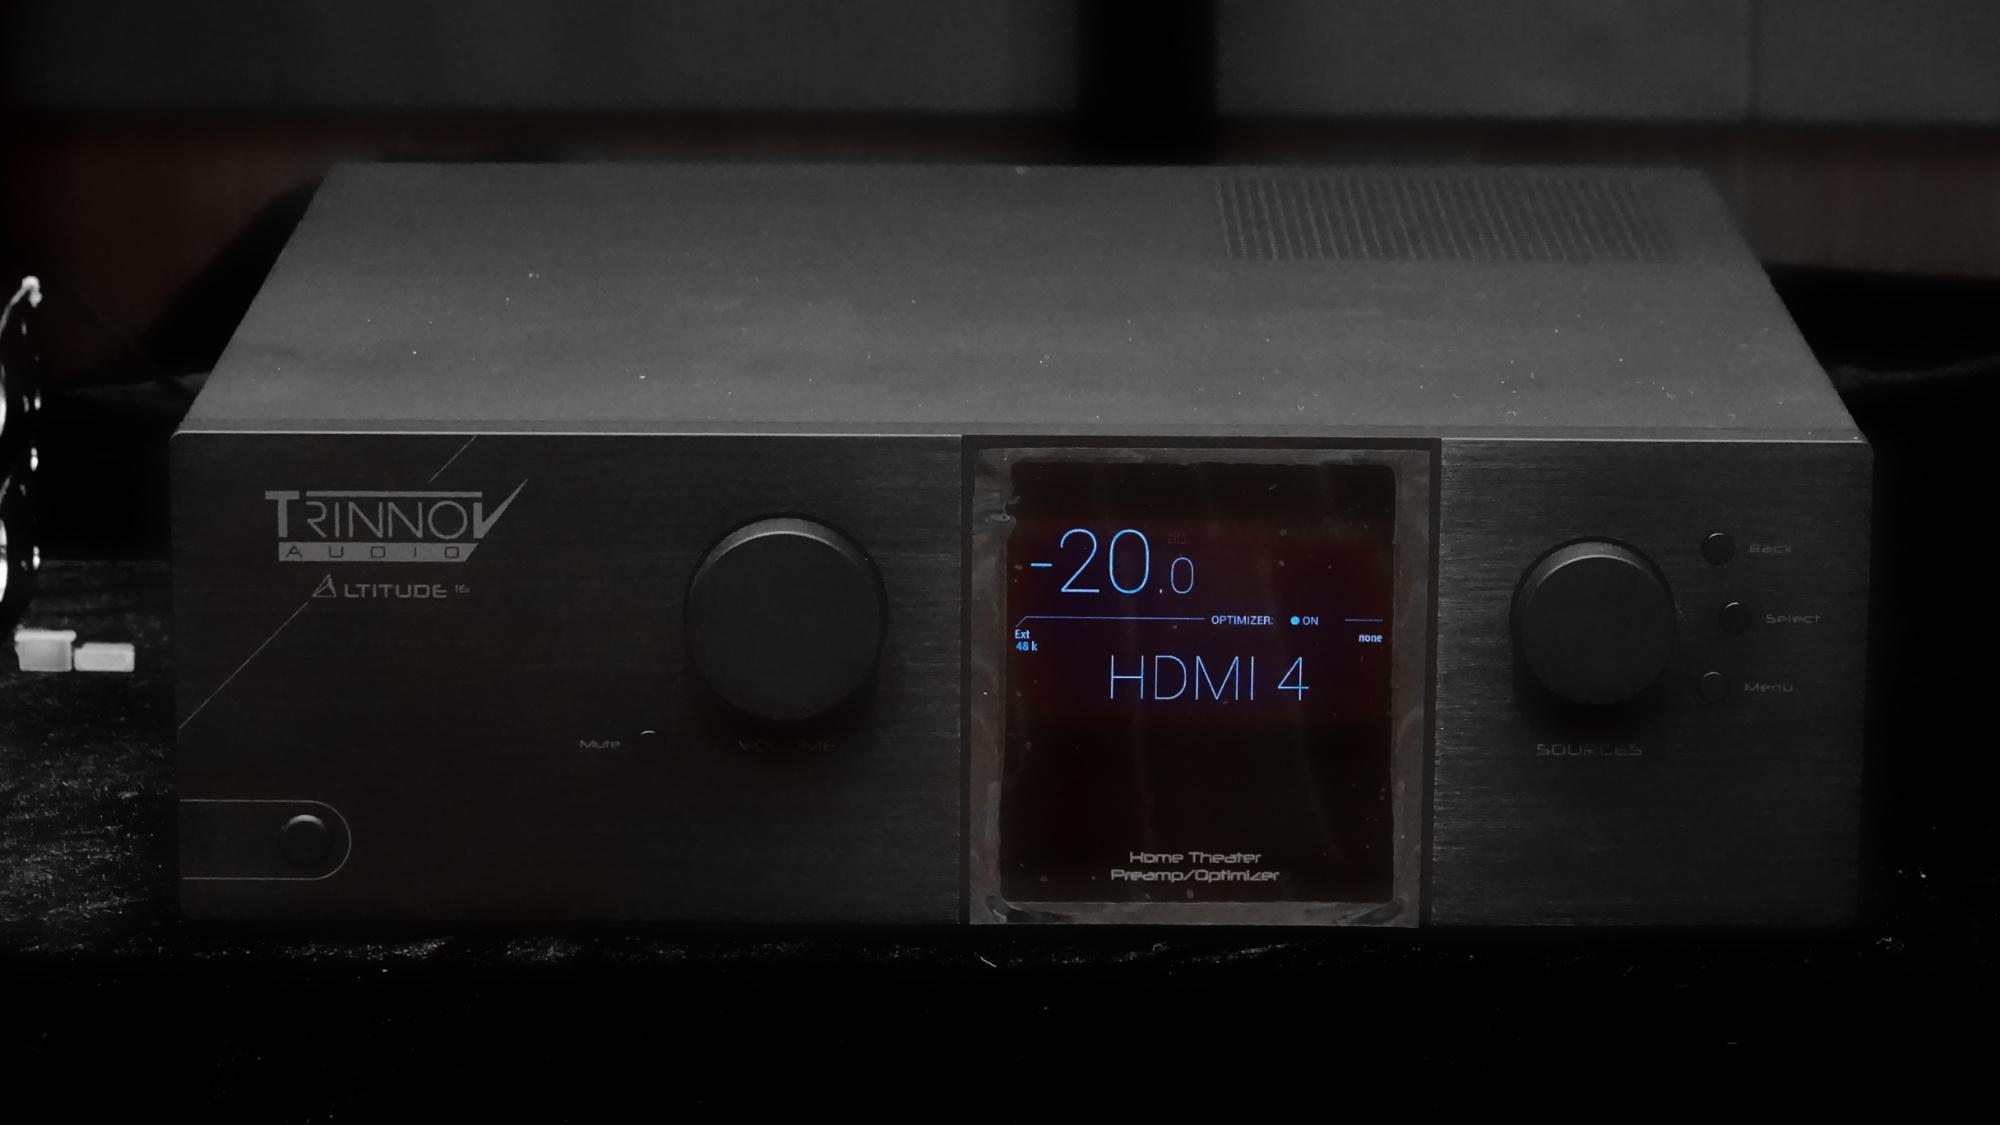 2018010819081796 - 现场 | 米乐影音携Trinnov Audio最新Altitude 16声道处理前级,亮相中国影音嘉年华!